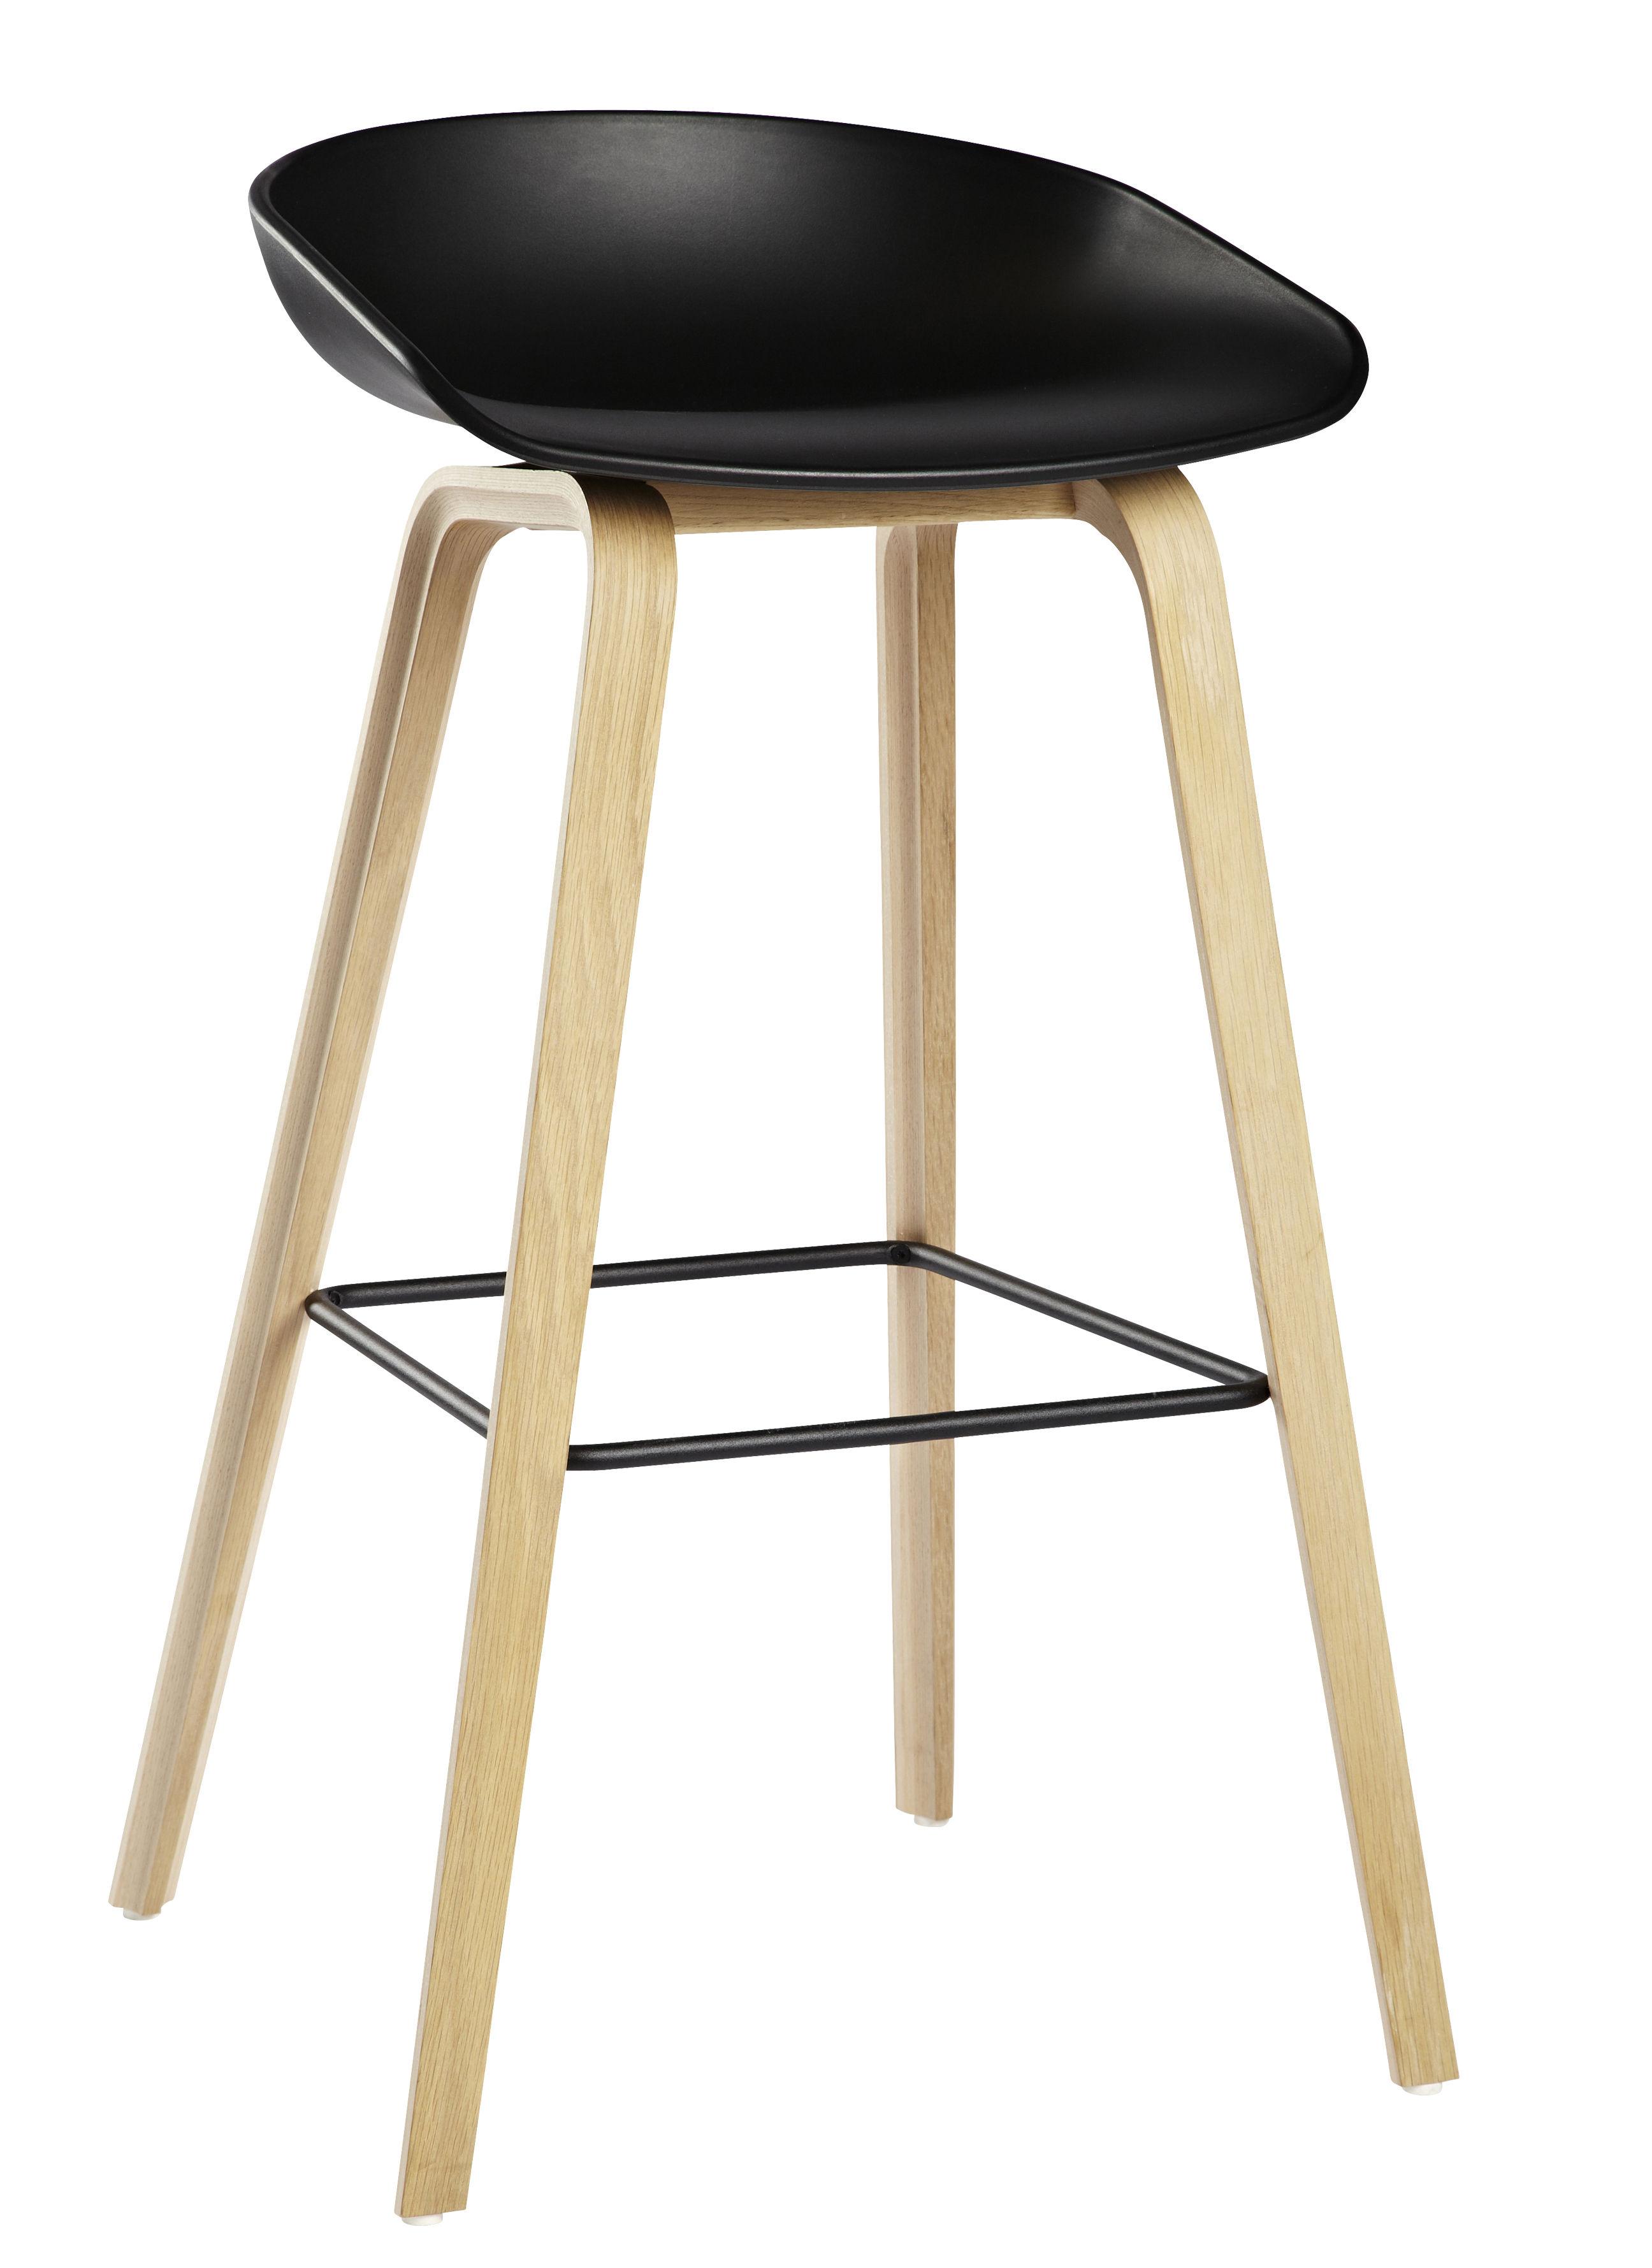 barhocker schwarz about a stool. Black Bedroom Furniture Sets. Home Design Ideas